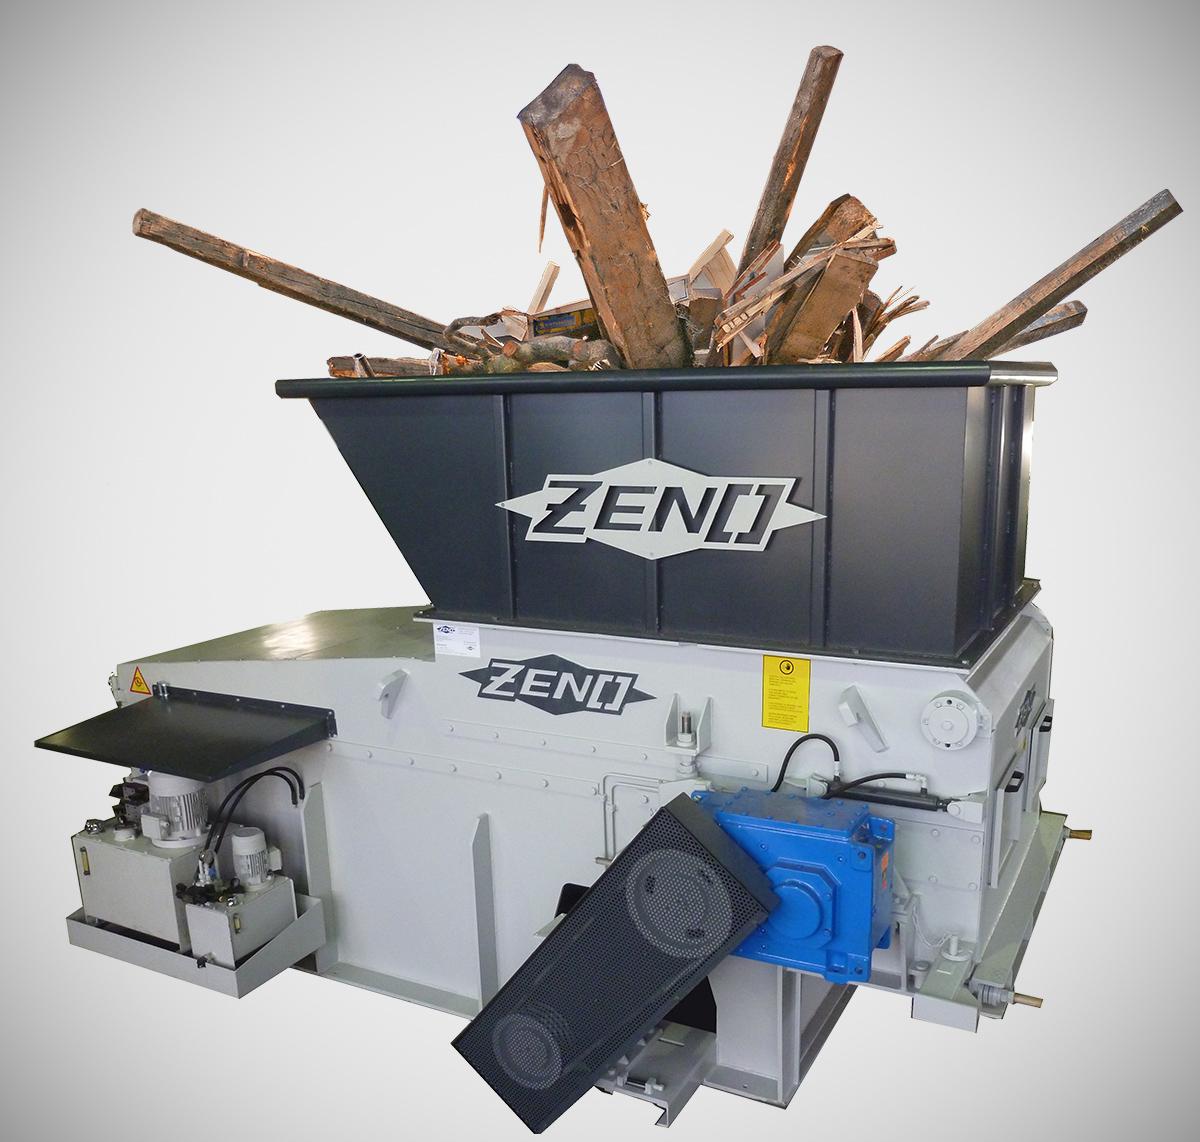 Seit über 35 Jahren ist die ZENO – Zerkleinerungsmaschinenbau Norken GmbH als führender Hersteller von Zerkleinerungs-,